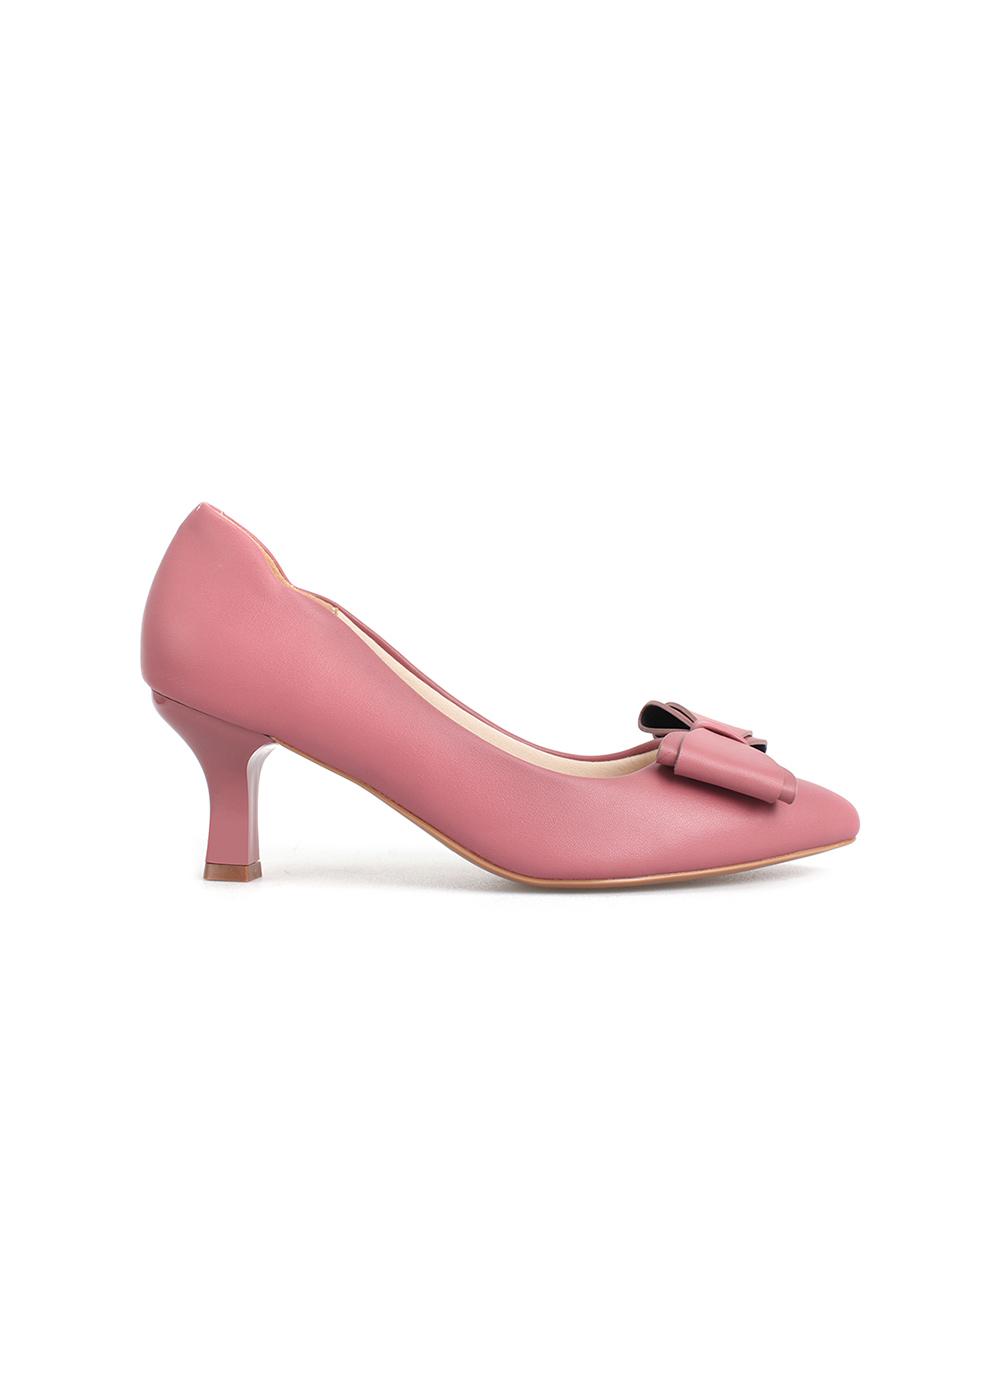 Giày cao gót 7p mũi nhọn phối nơ da nữ tính thương hiệu PABNO PN421